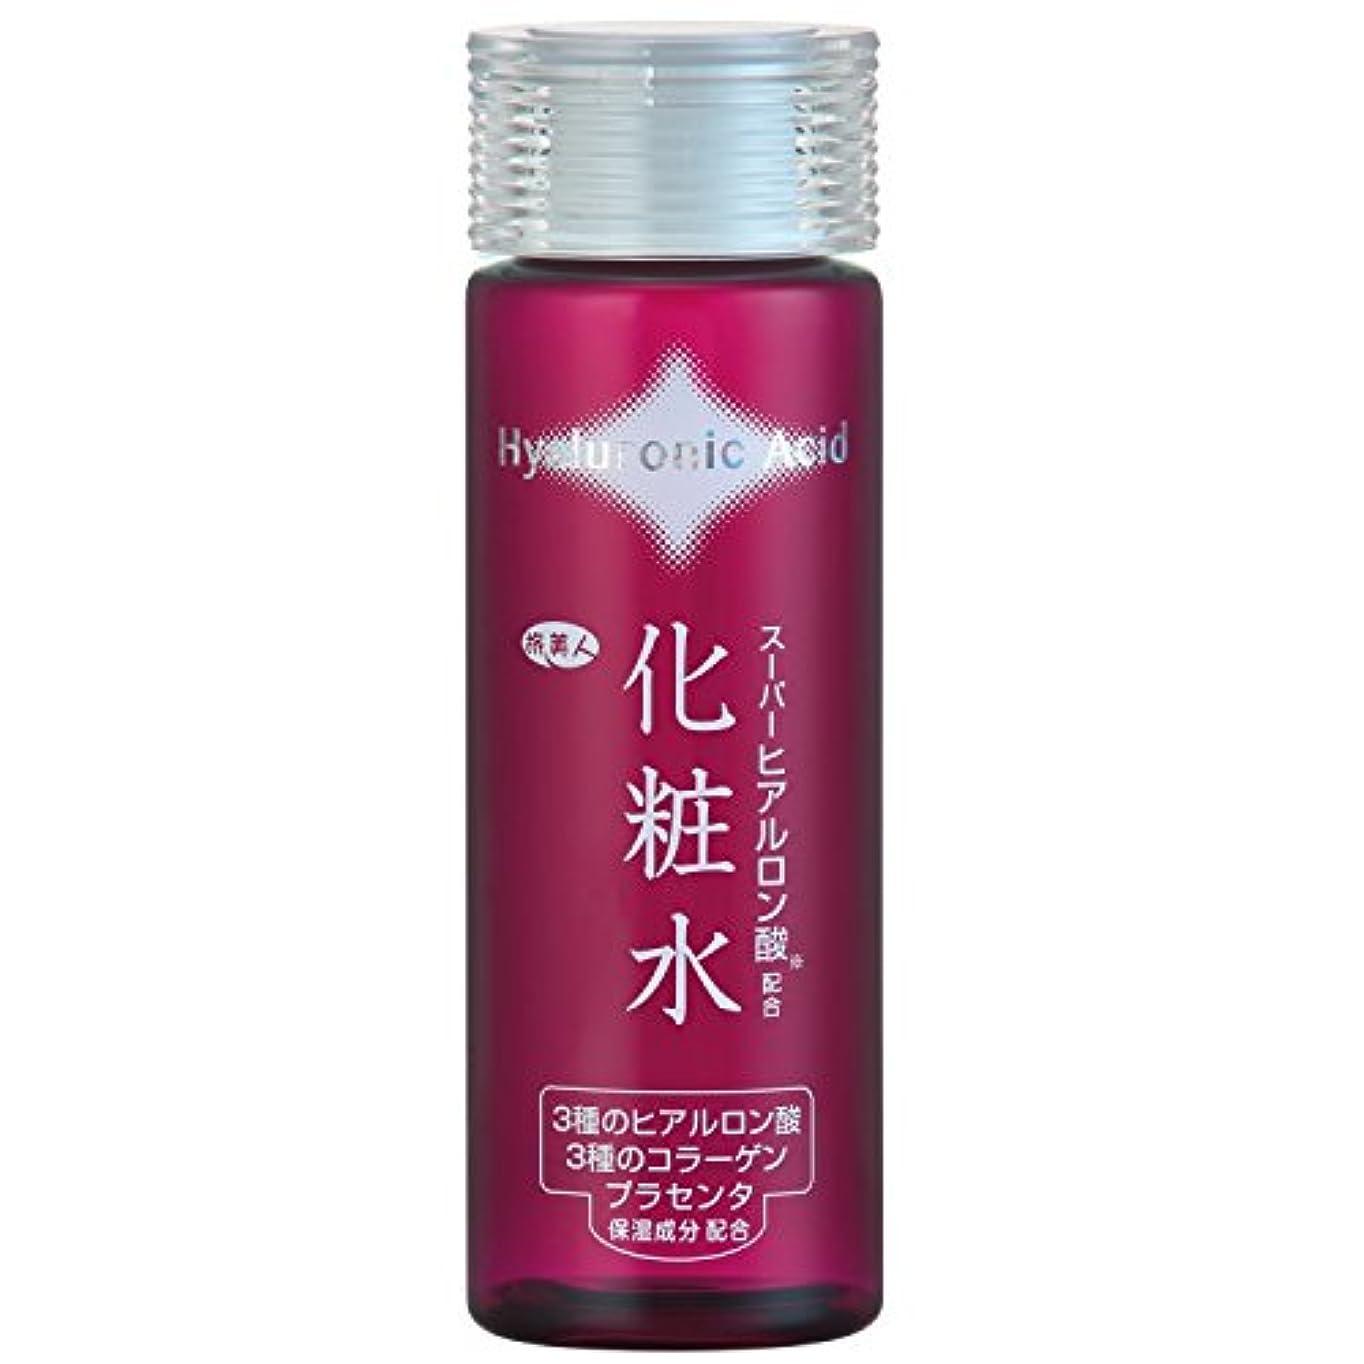 復活踏み台人道的アズマ商事のスーパーヒアルロン酸配合化粧水